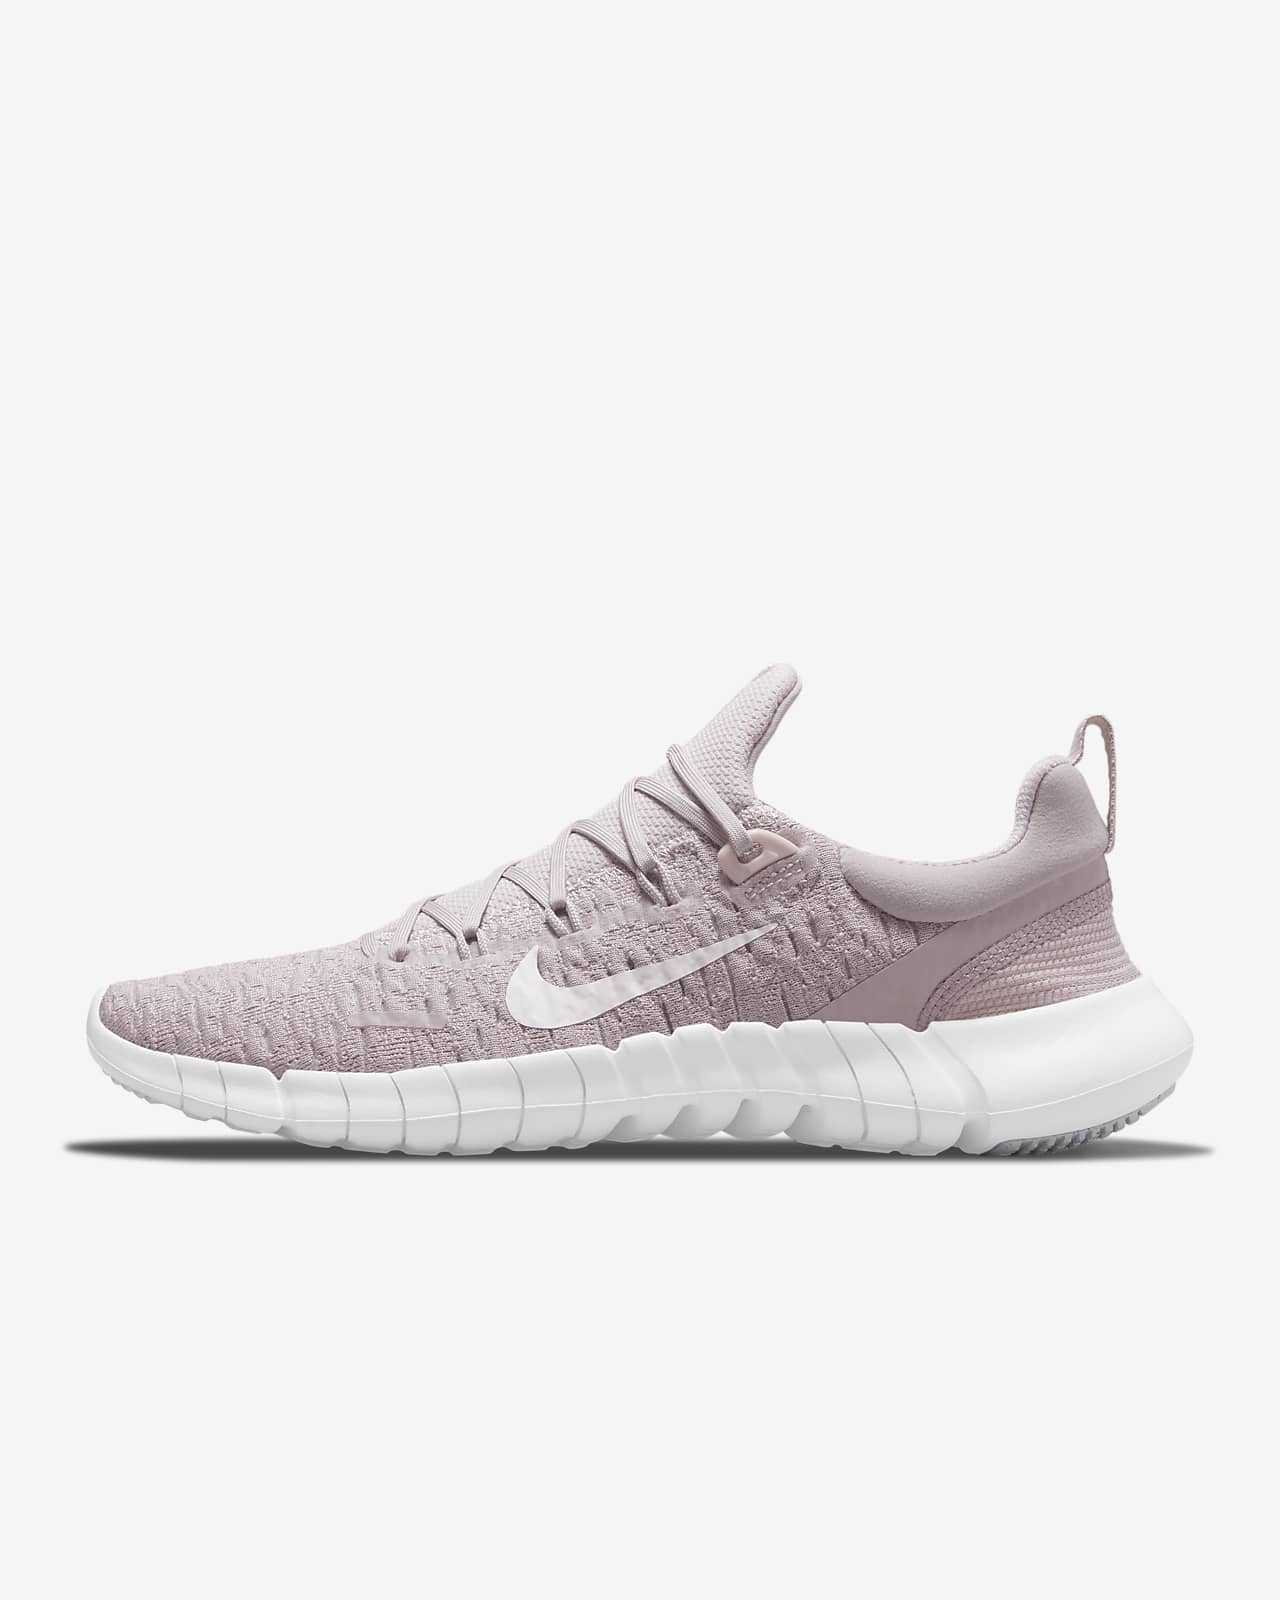 Nike Free Run 5.0 Women's Running Shoe